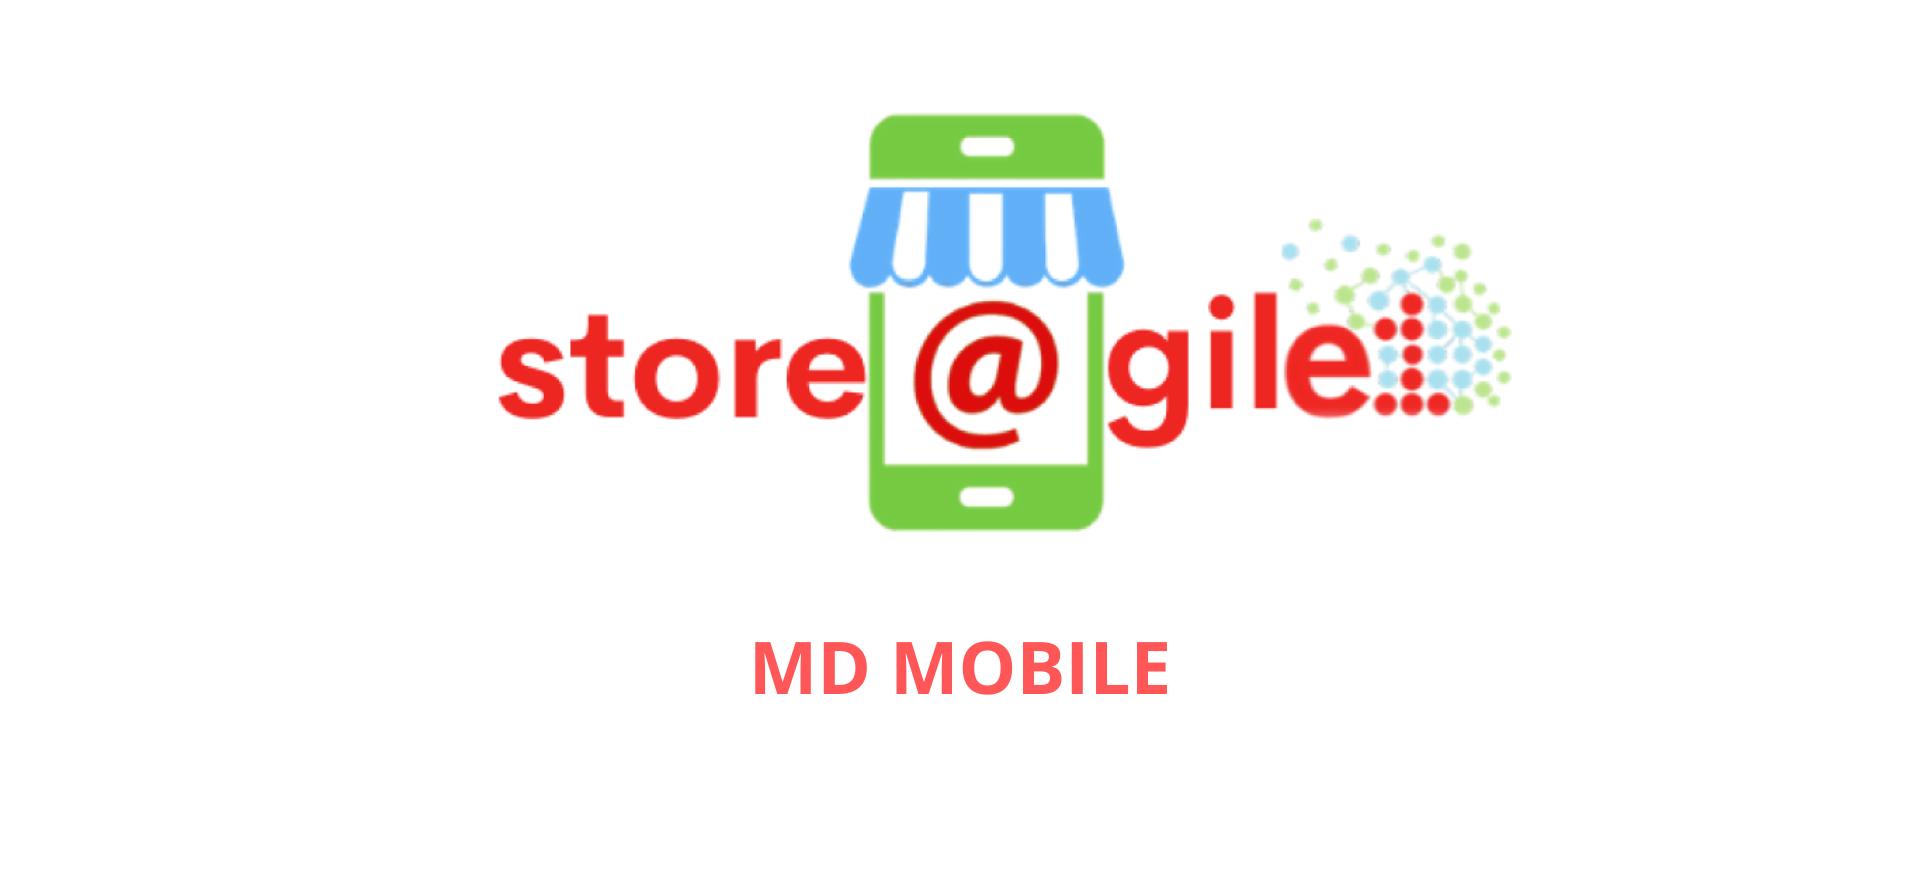 Md mobile srl